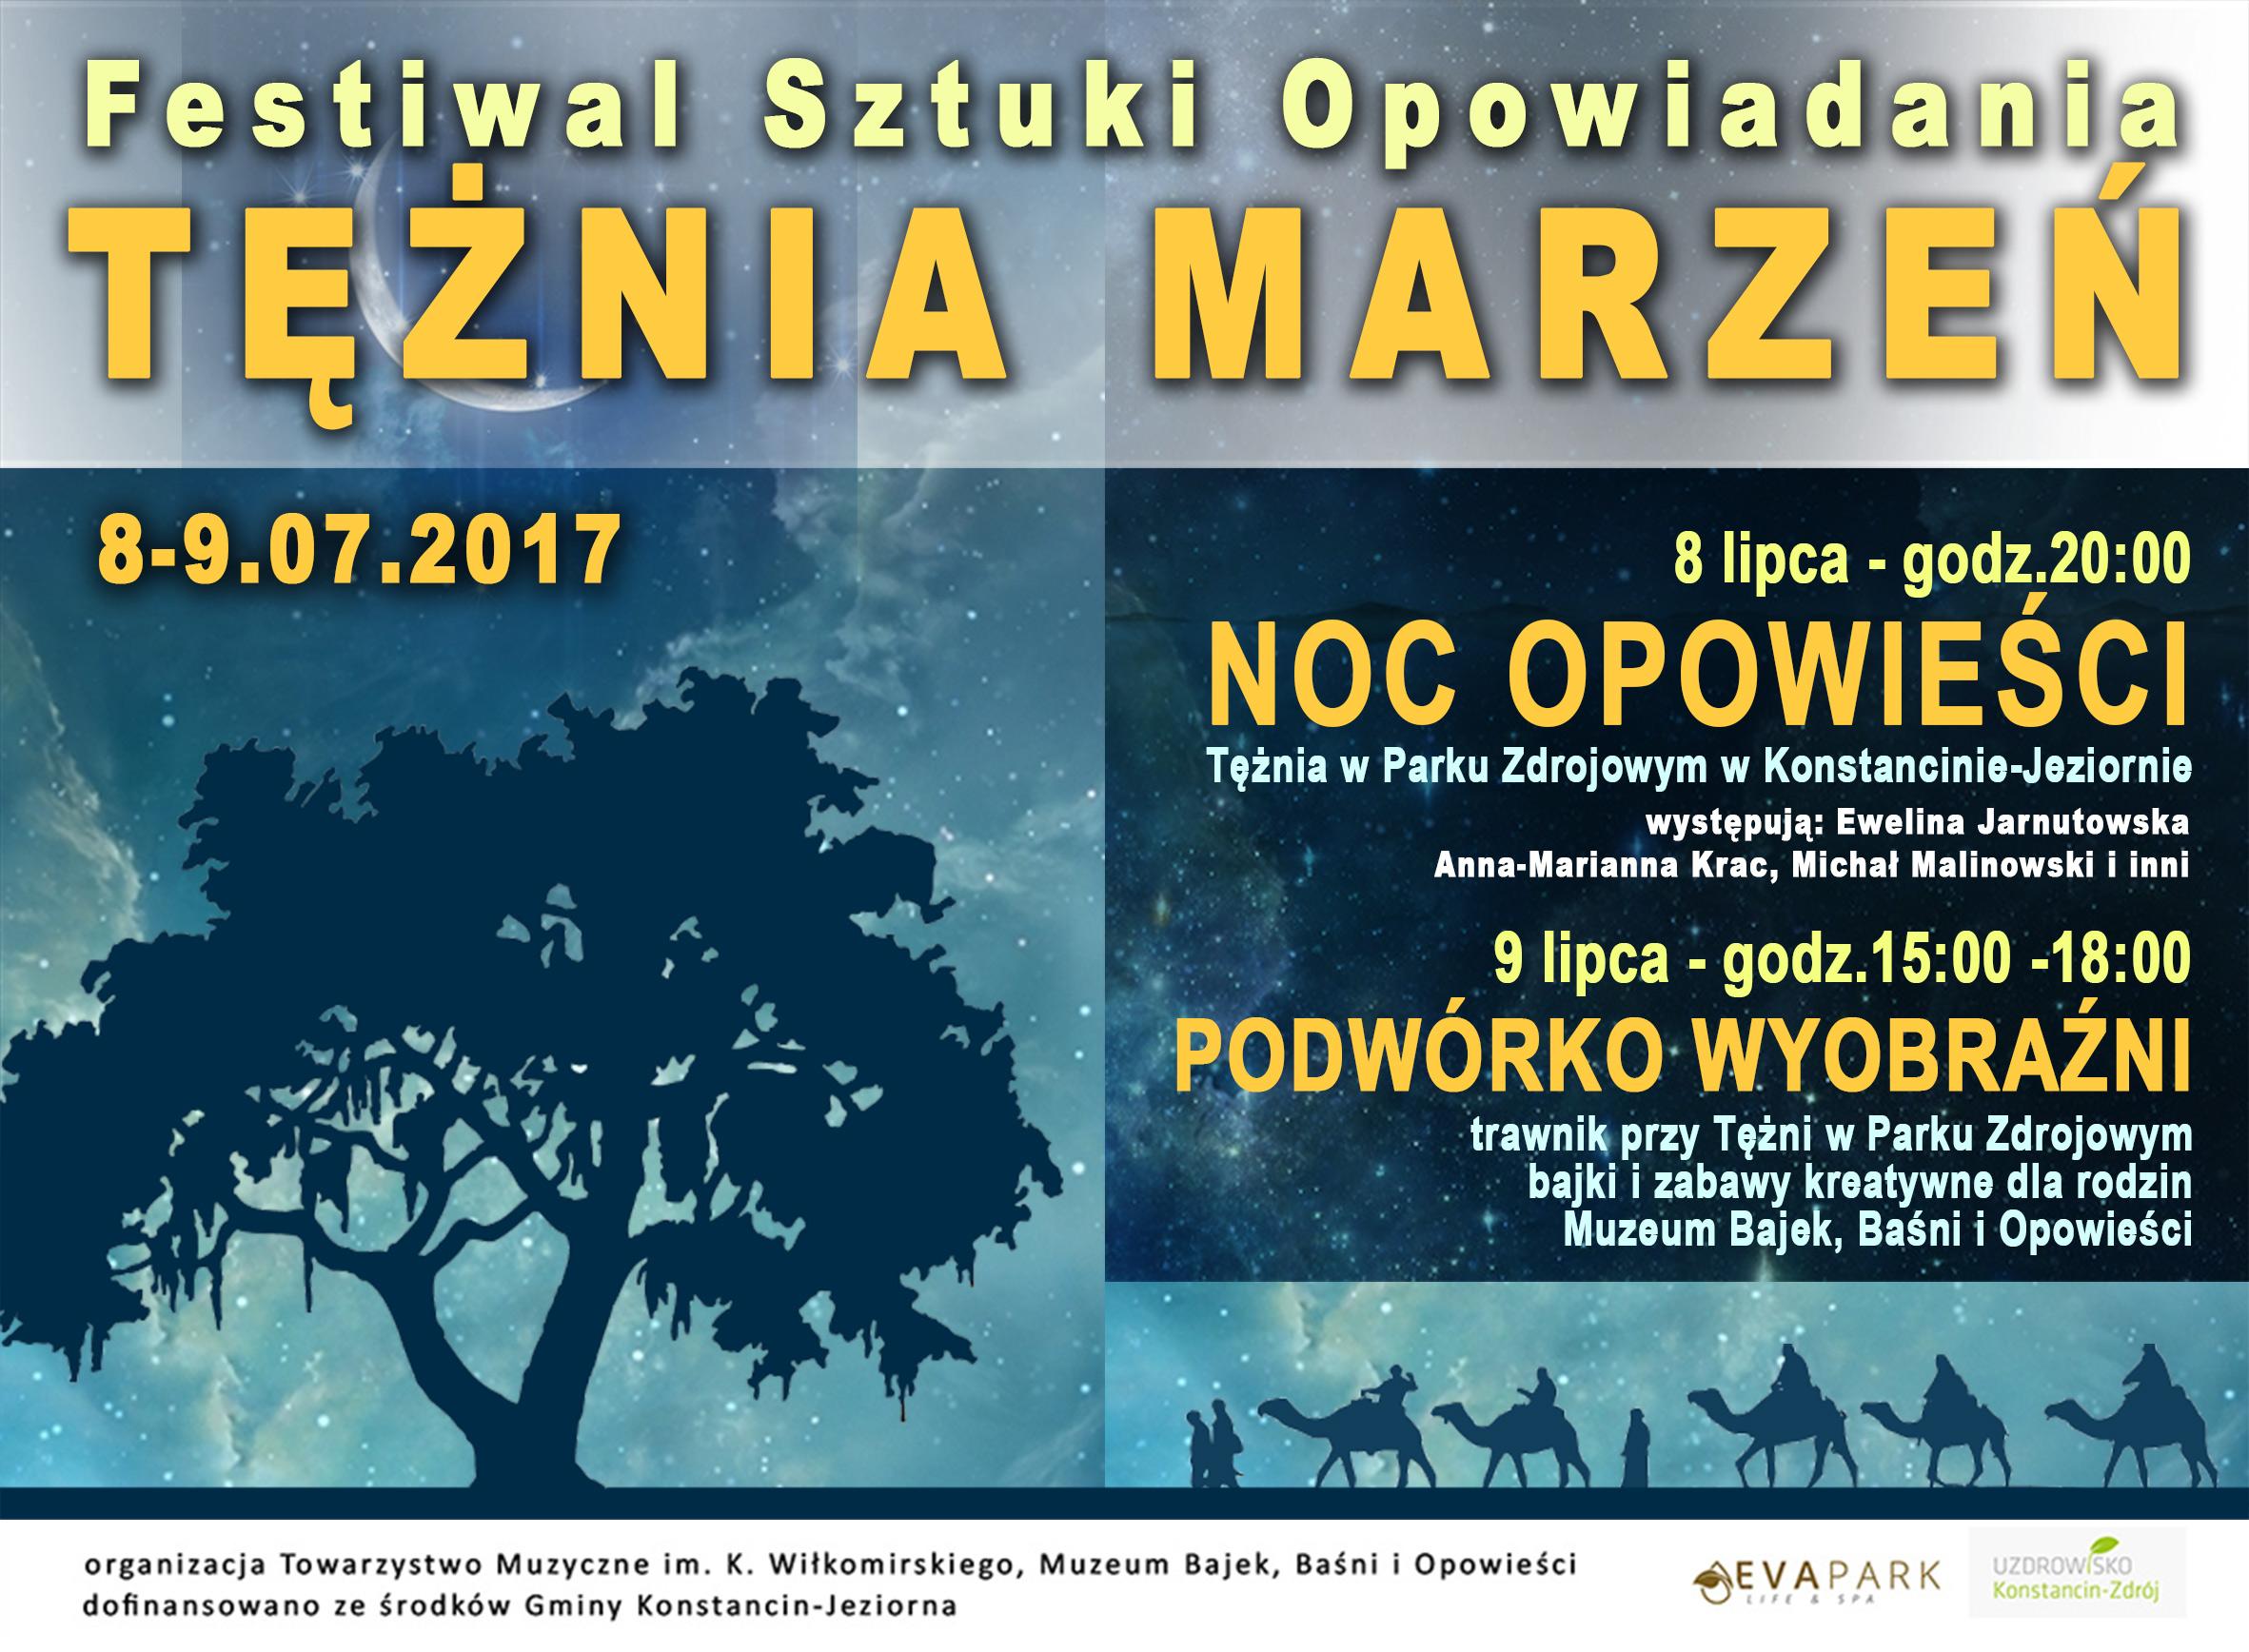 Tężnia Marzeń już w ten weekend!